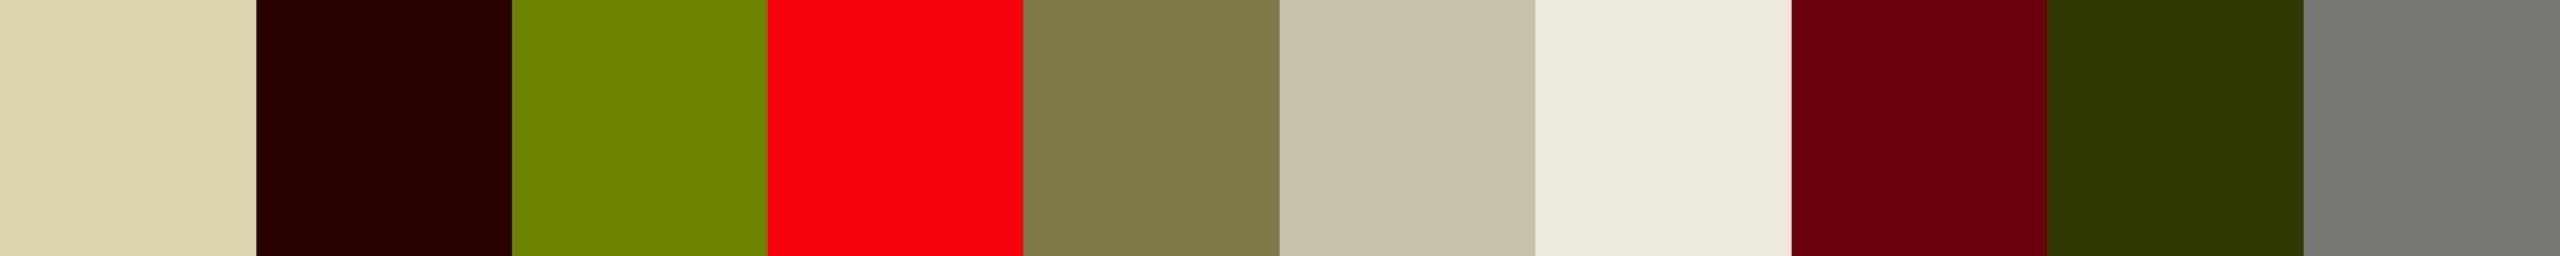 611 Jouaka Color Palette